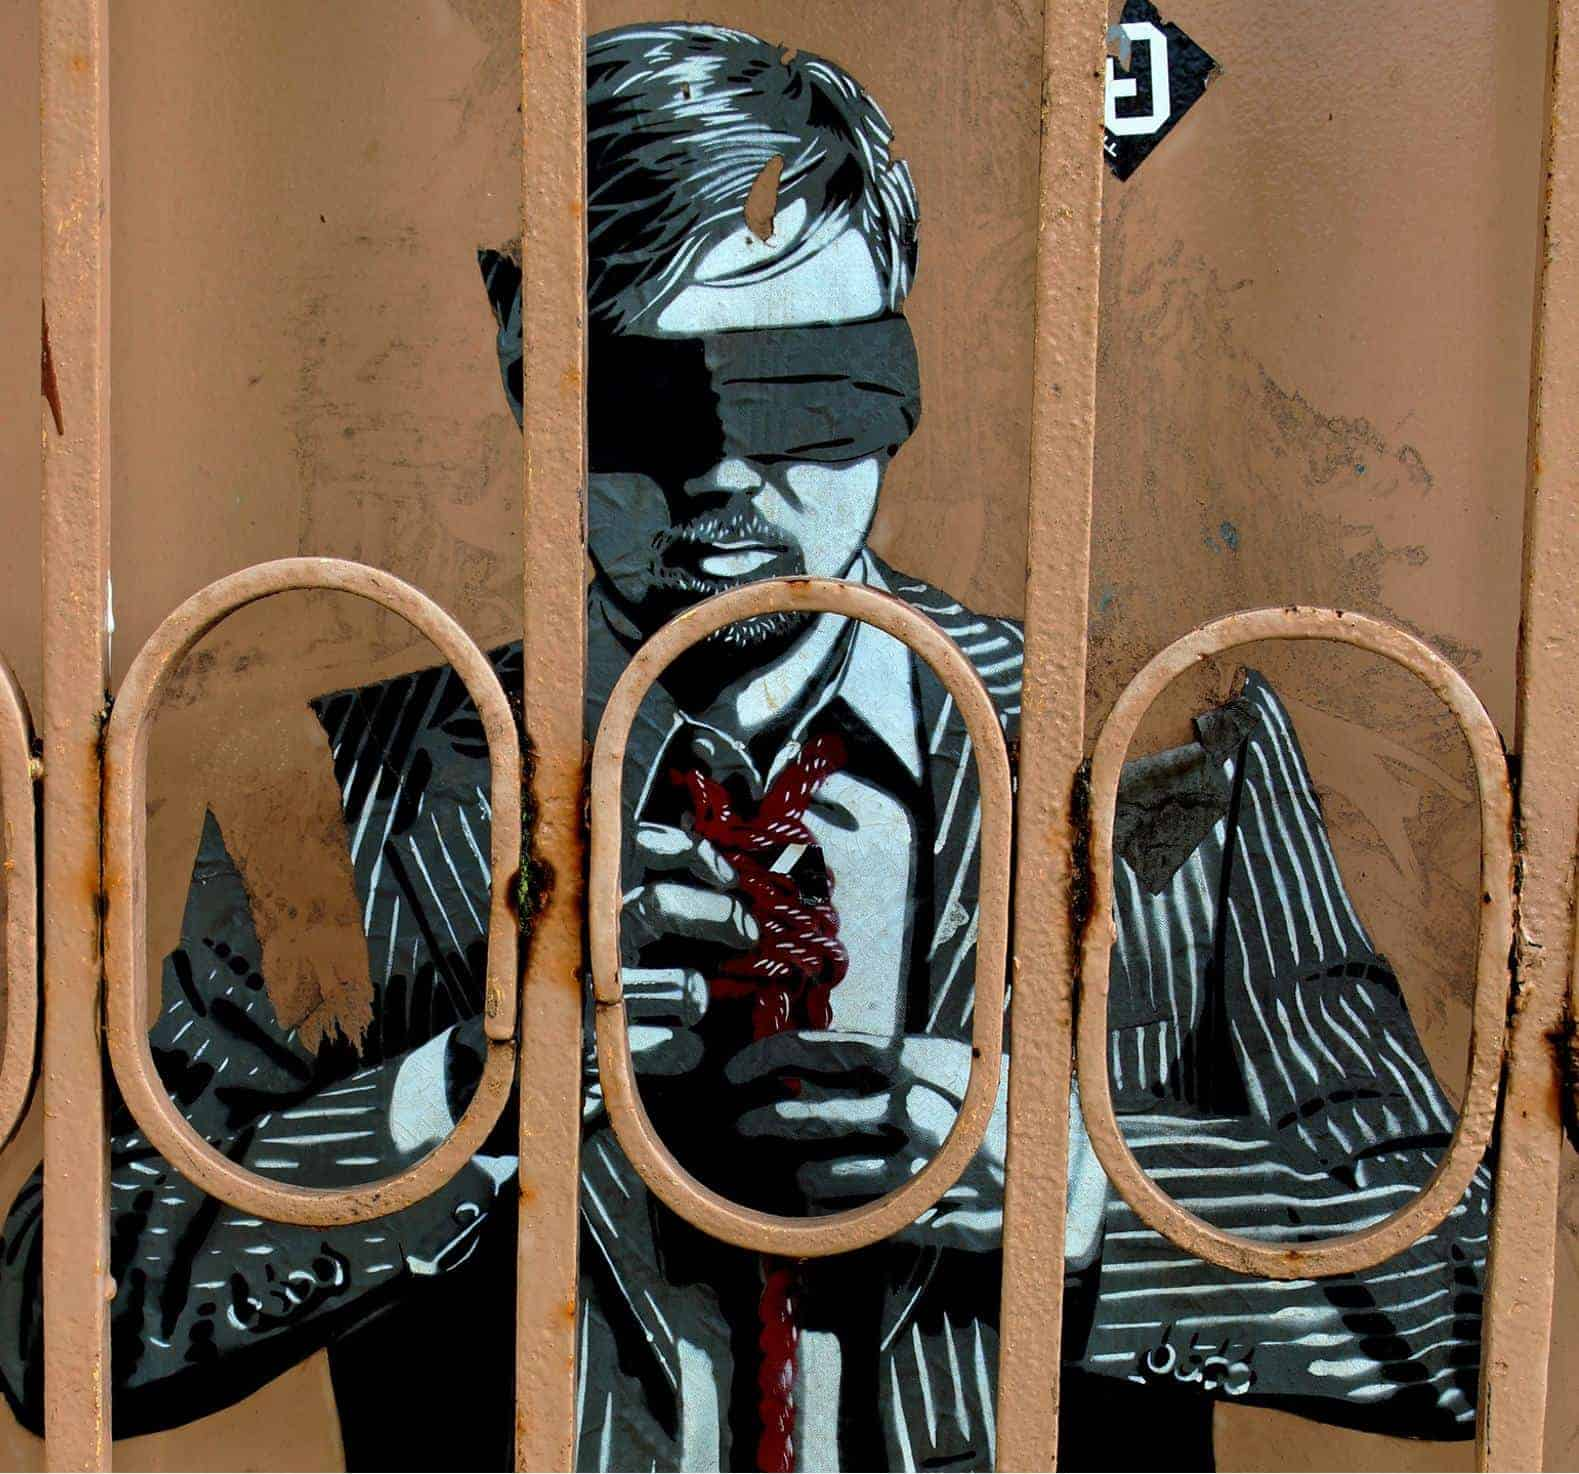 L'umanità tagliente e fragile di Graffiti